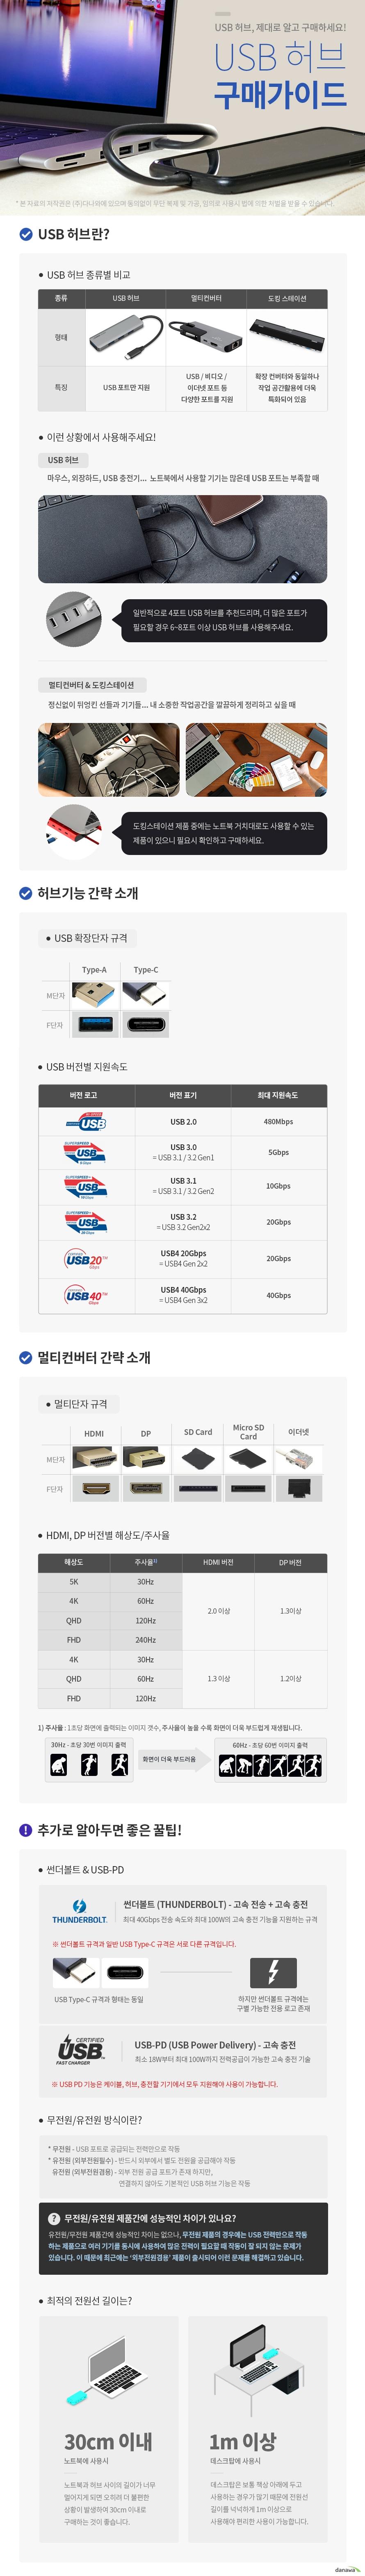 시스템게이트 LHV-302 (4포트/USB 3.0)